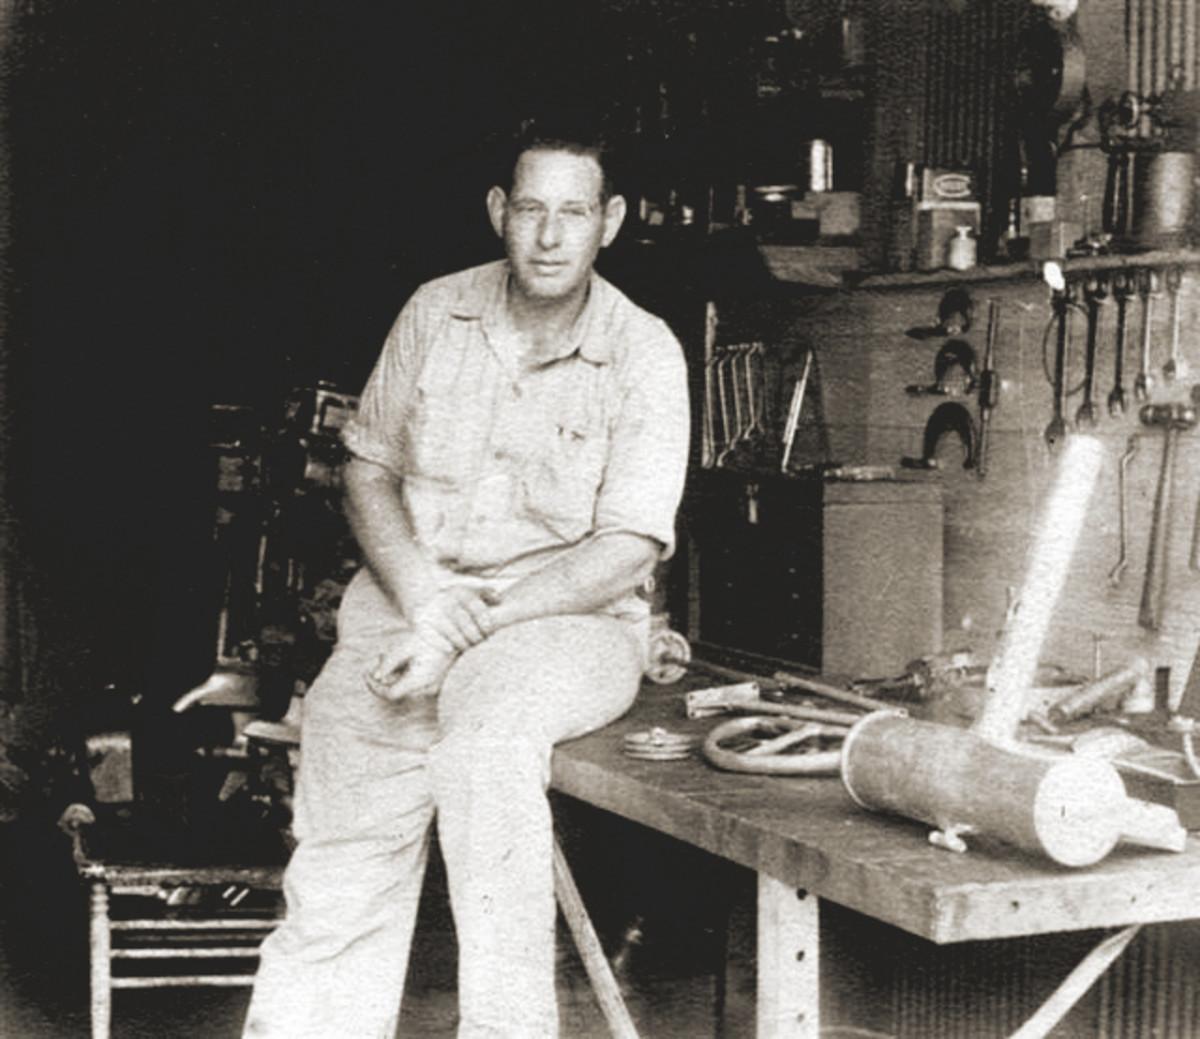 """Frank Huggins, a """"natural mechanic,"""" started Huggins Outboards in a dirt-floor garage in 1941."""